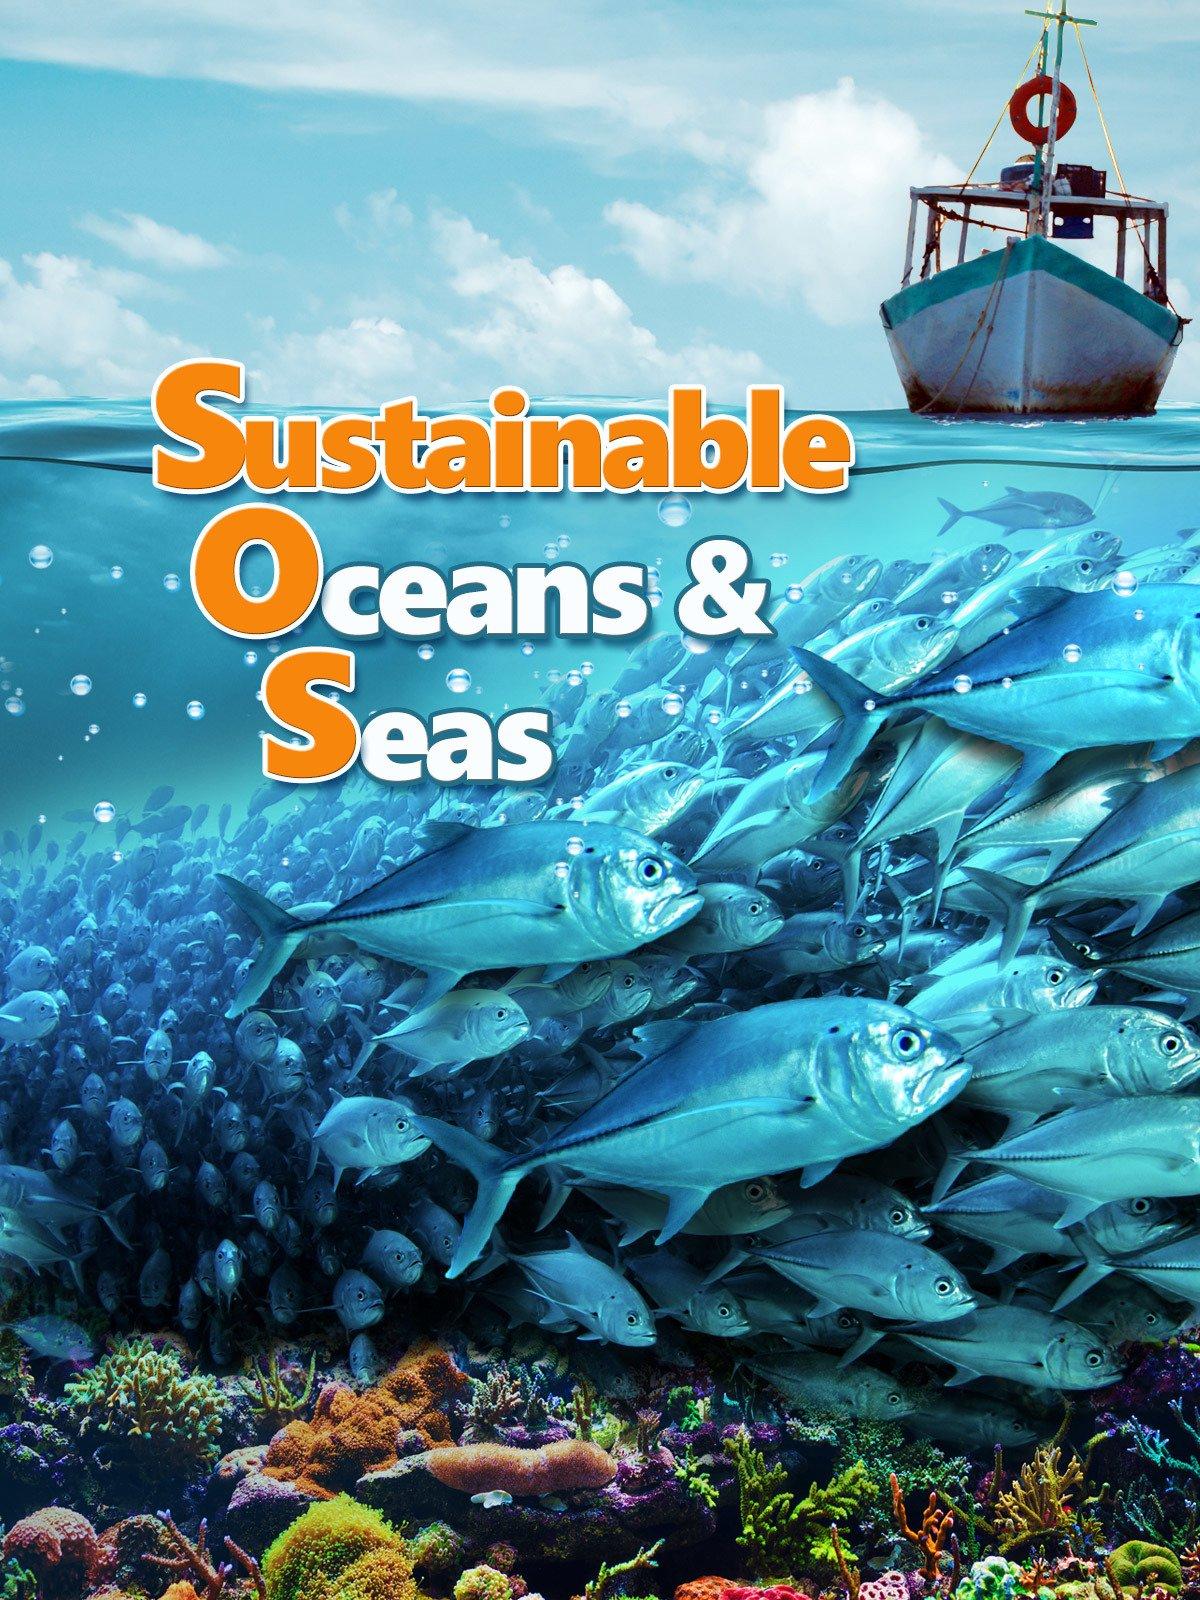 Sustainable Oceans & Seas